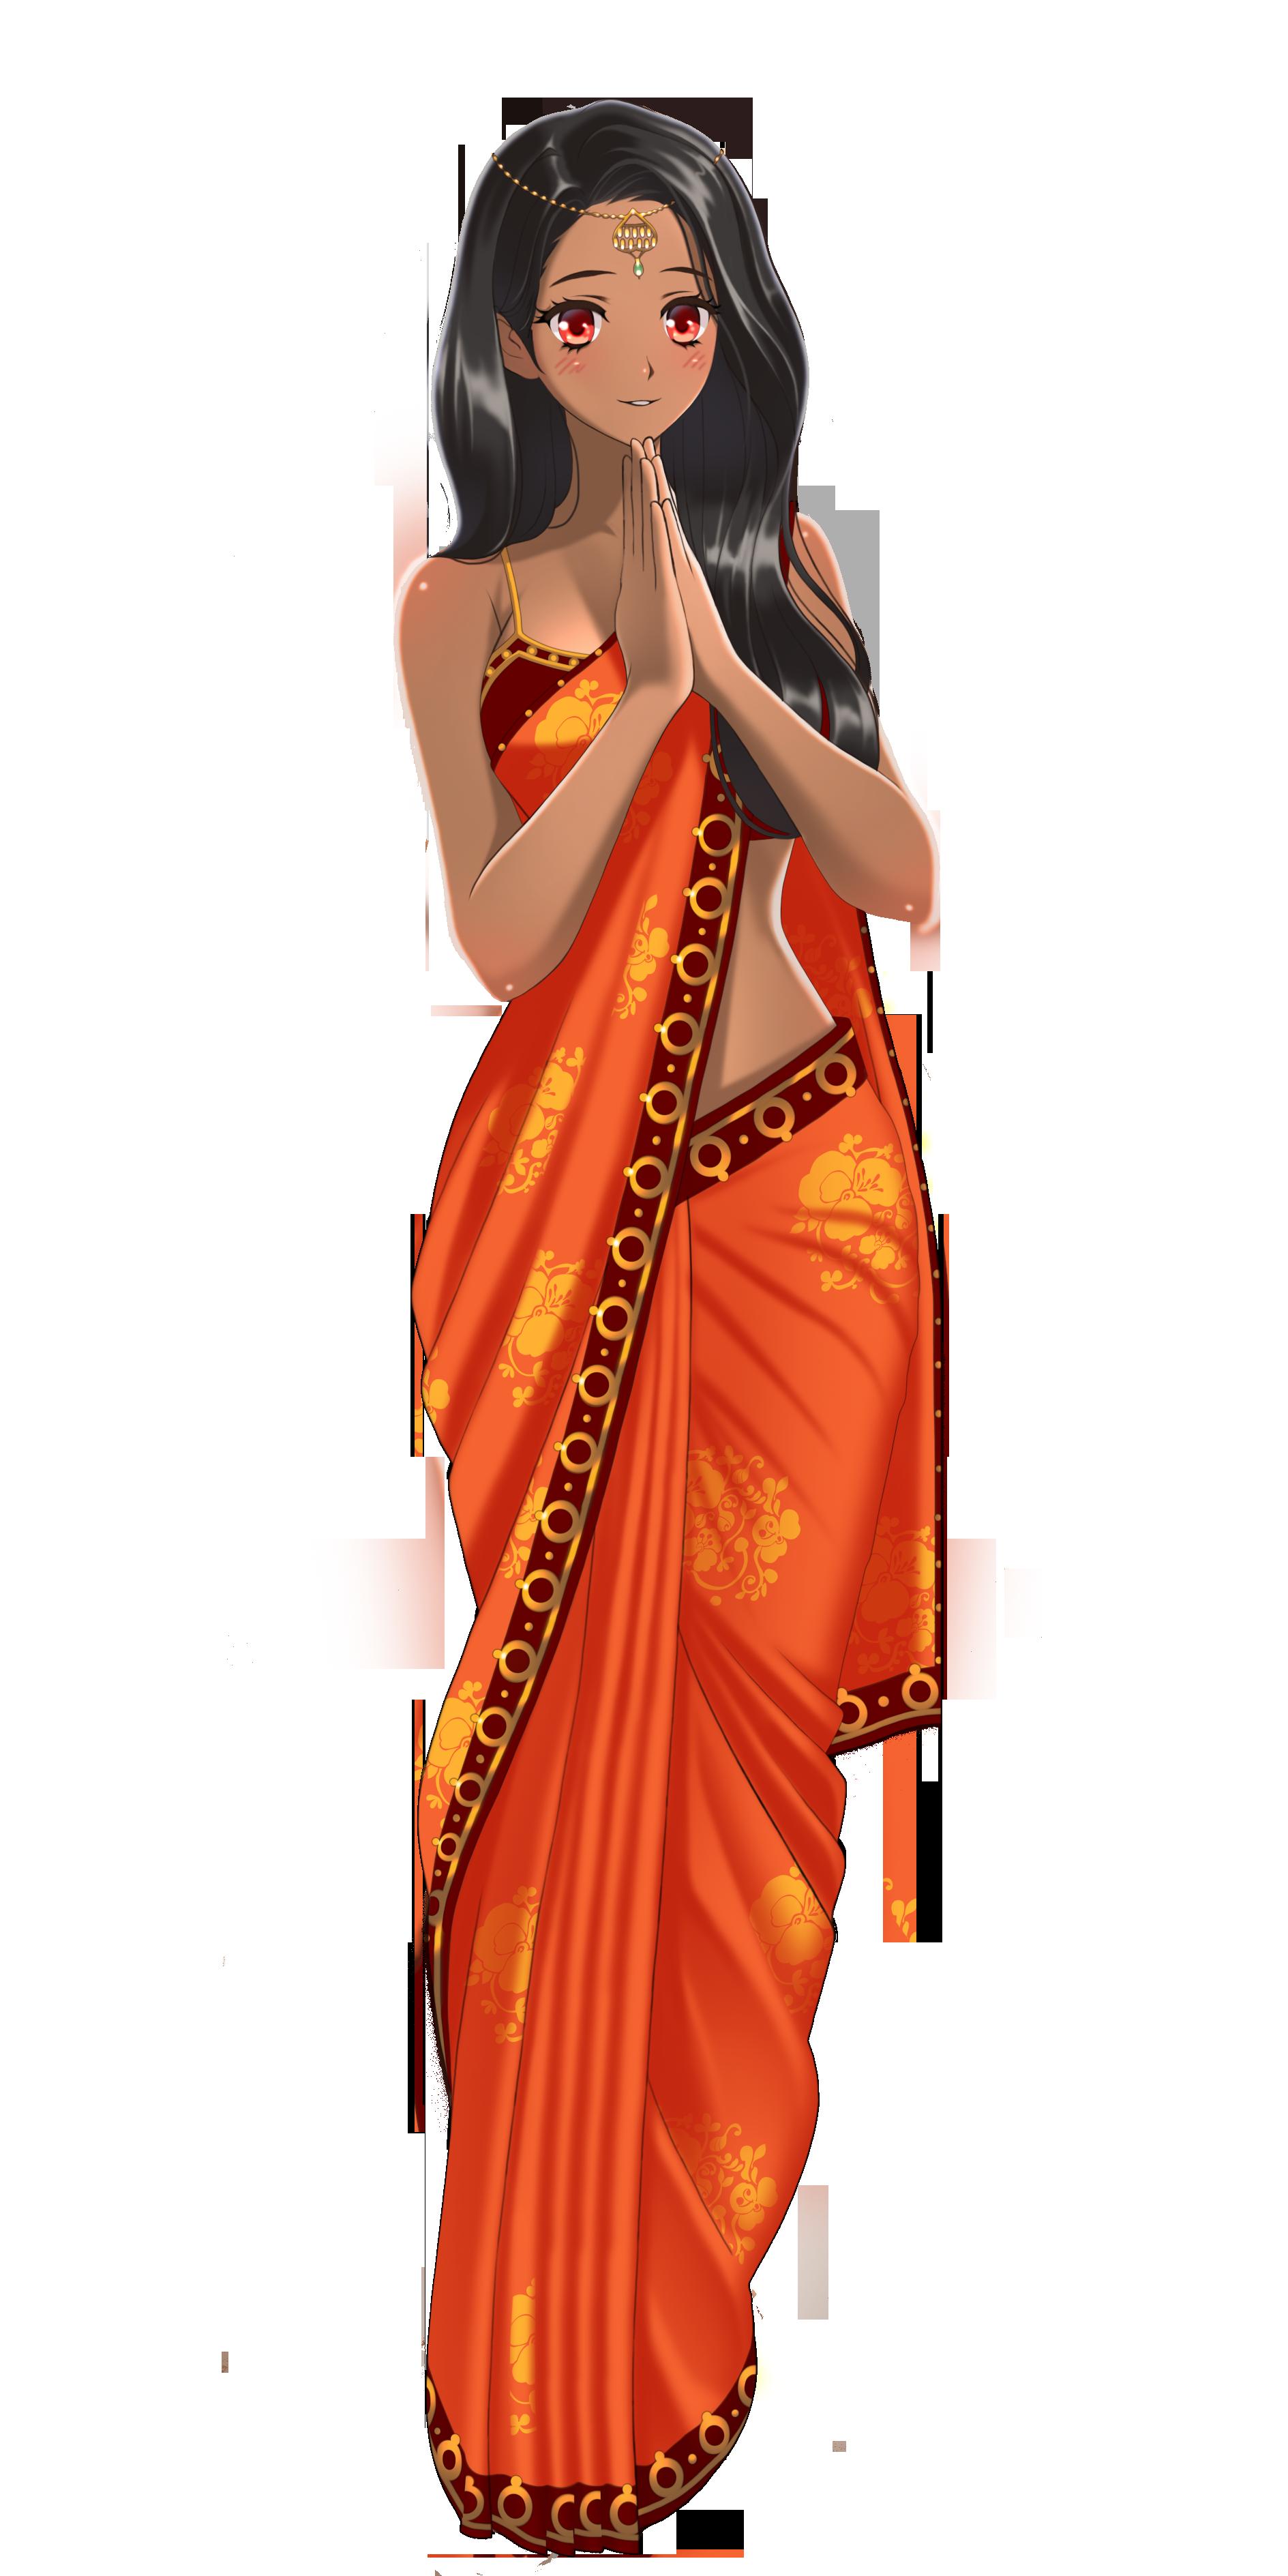 Priya amber ashley